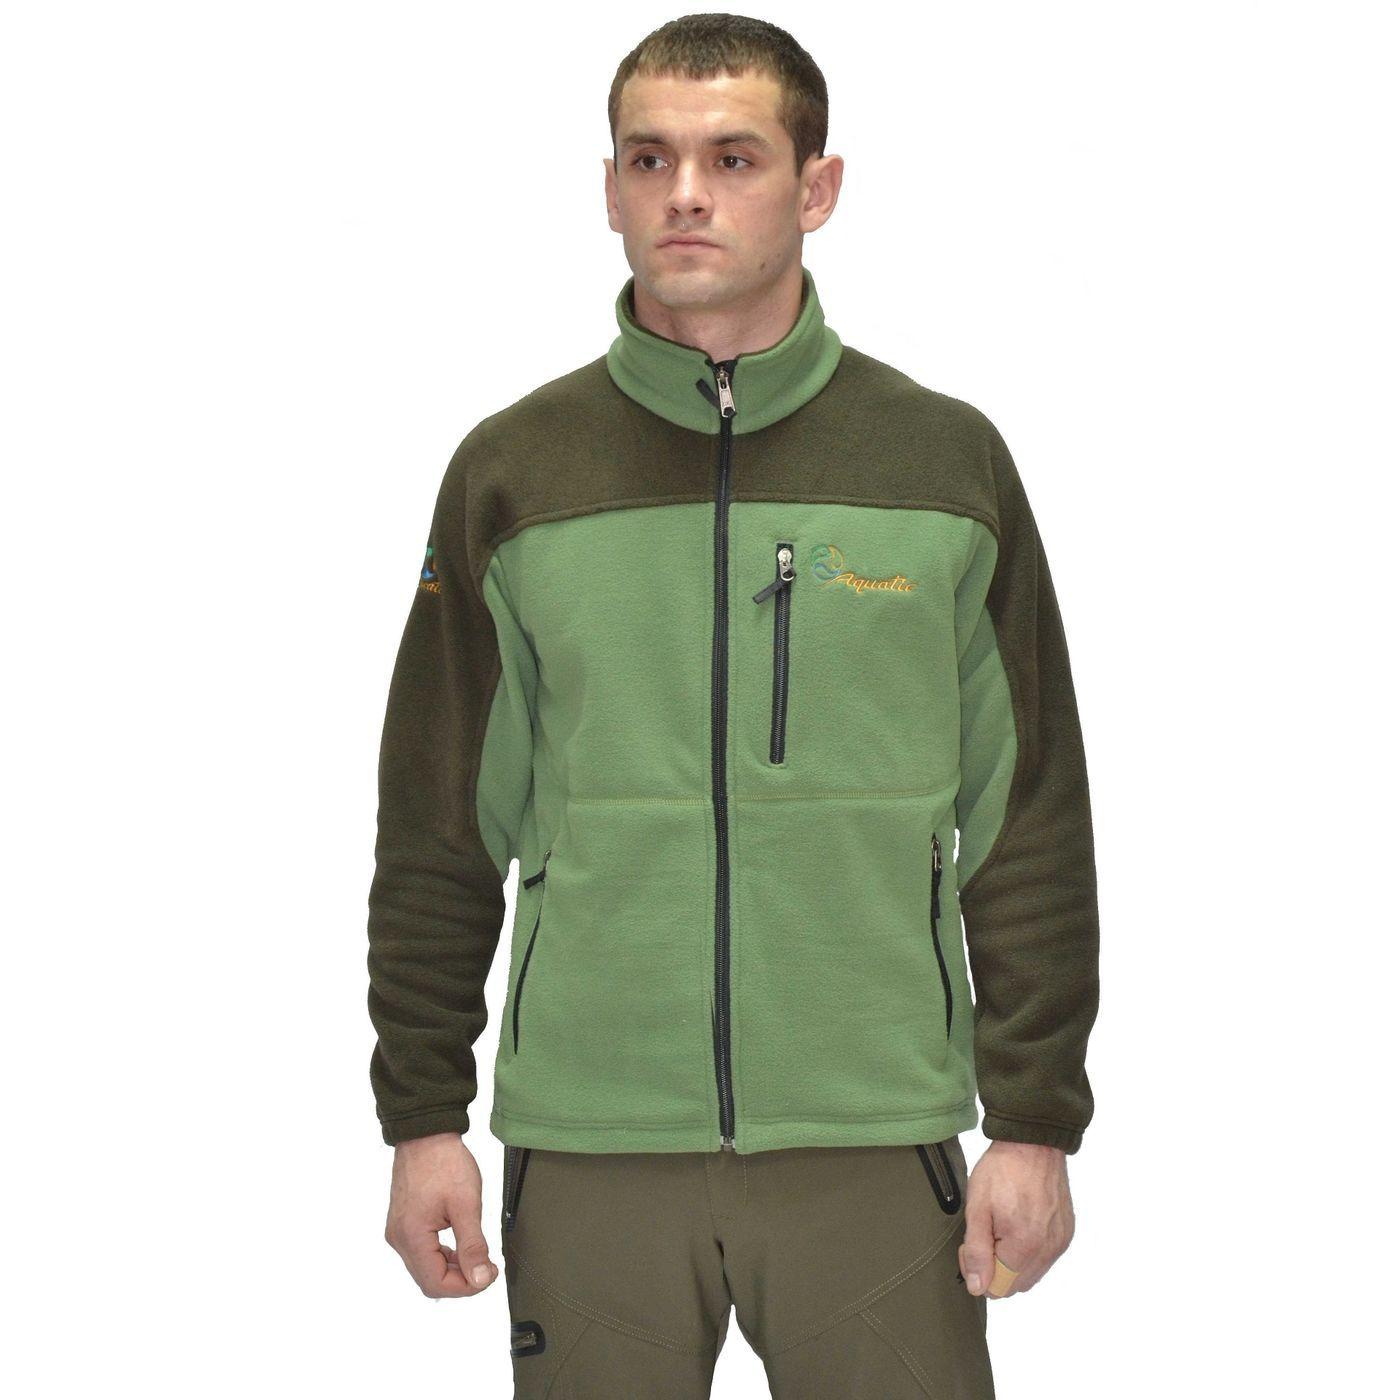 Fleece Jacket Aquatic Kf-03 Tzo Kf-03 Tzo L